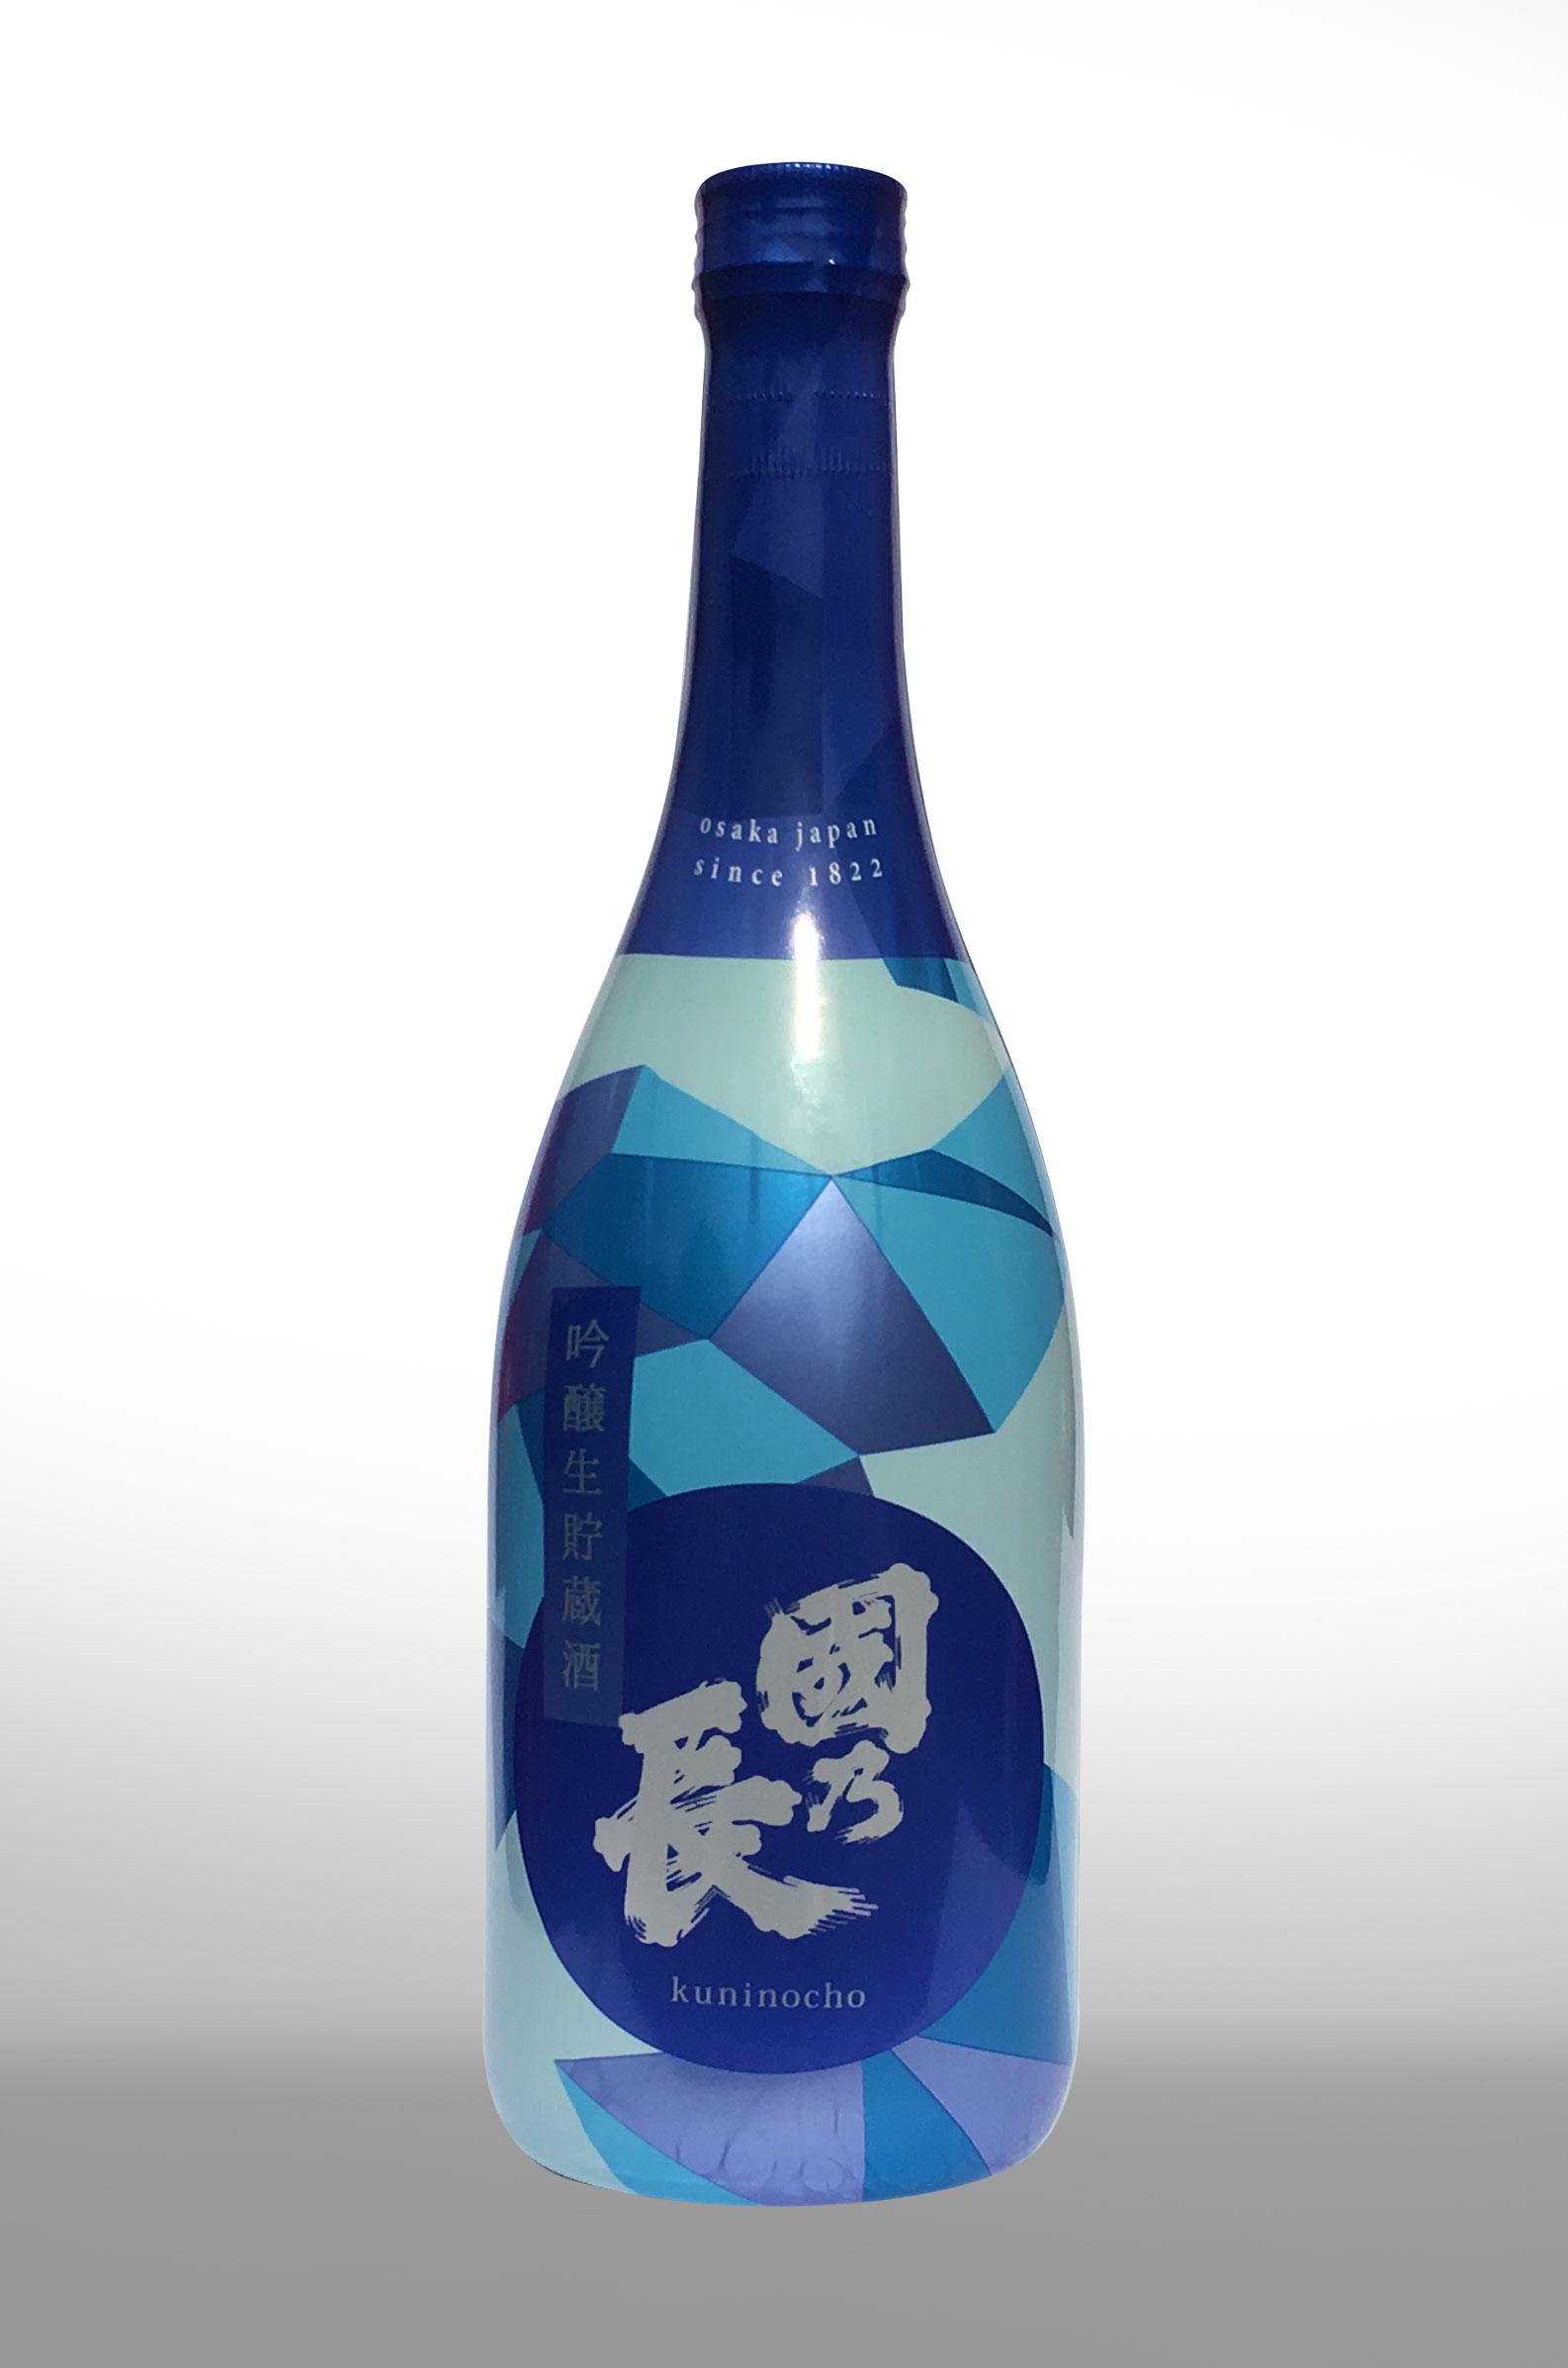 日本酒 國乃長 吟醸生貯蔵酒 720ml